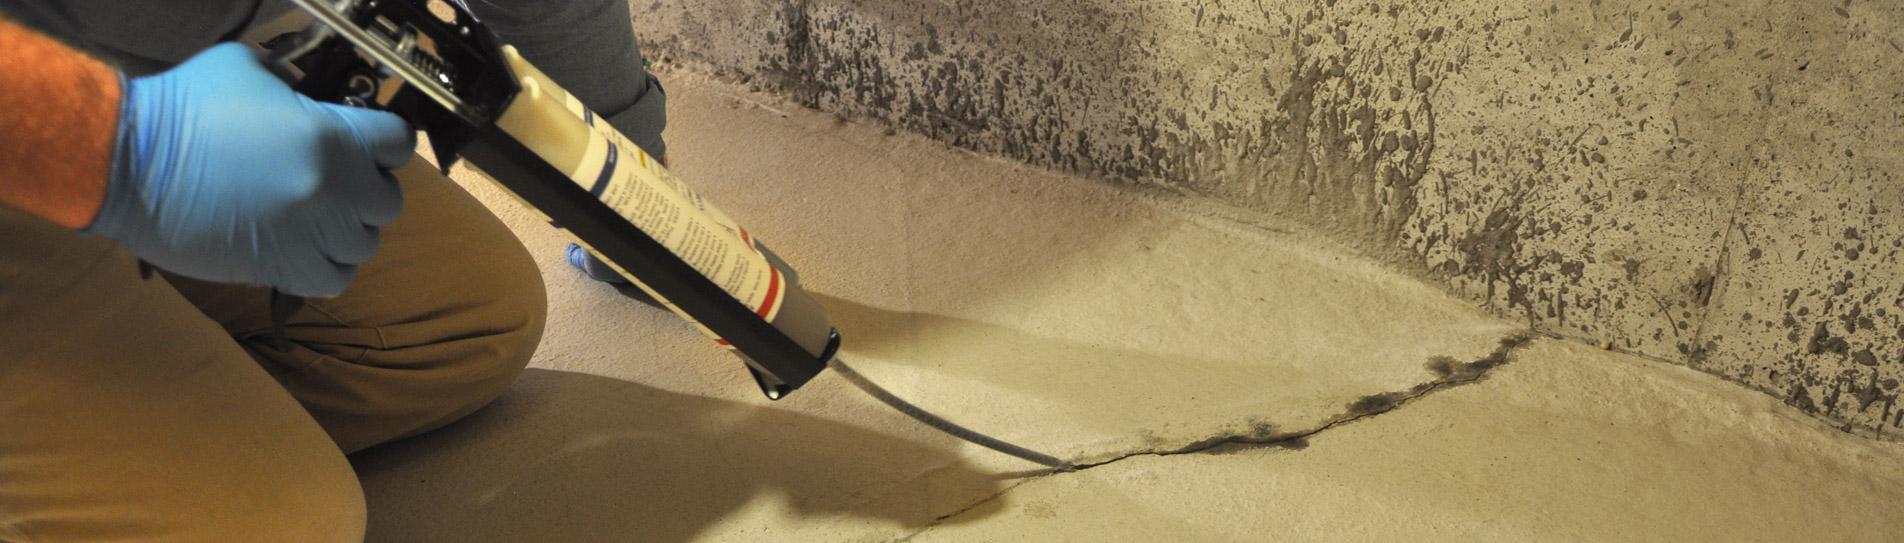 DIY Basement Floor Crack Repair